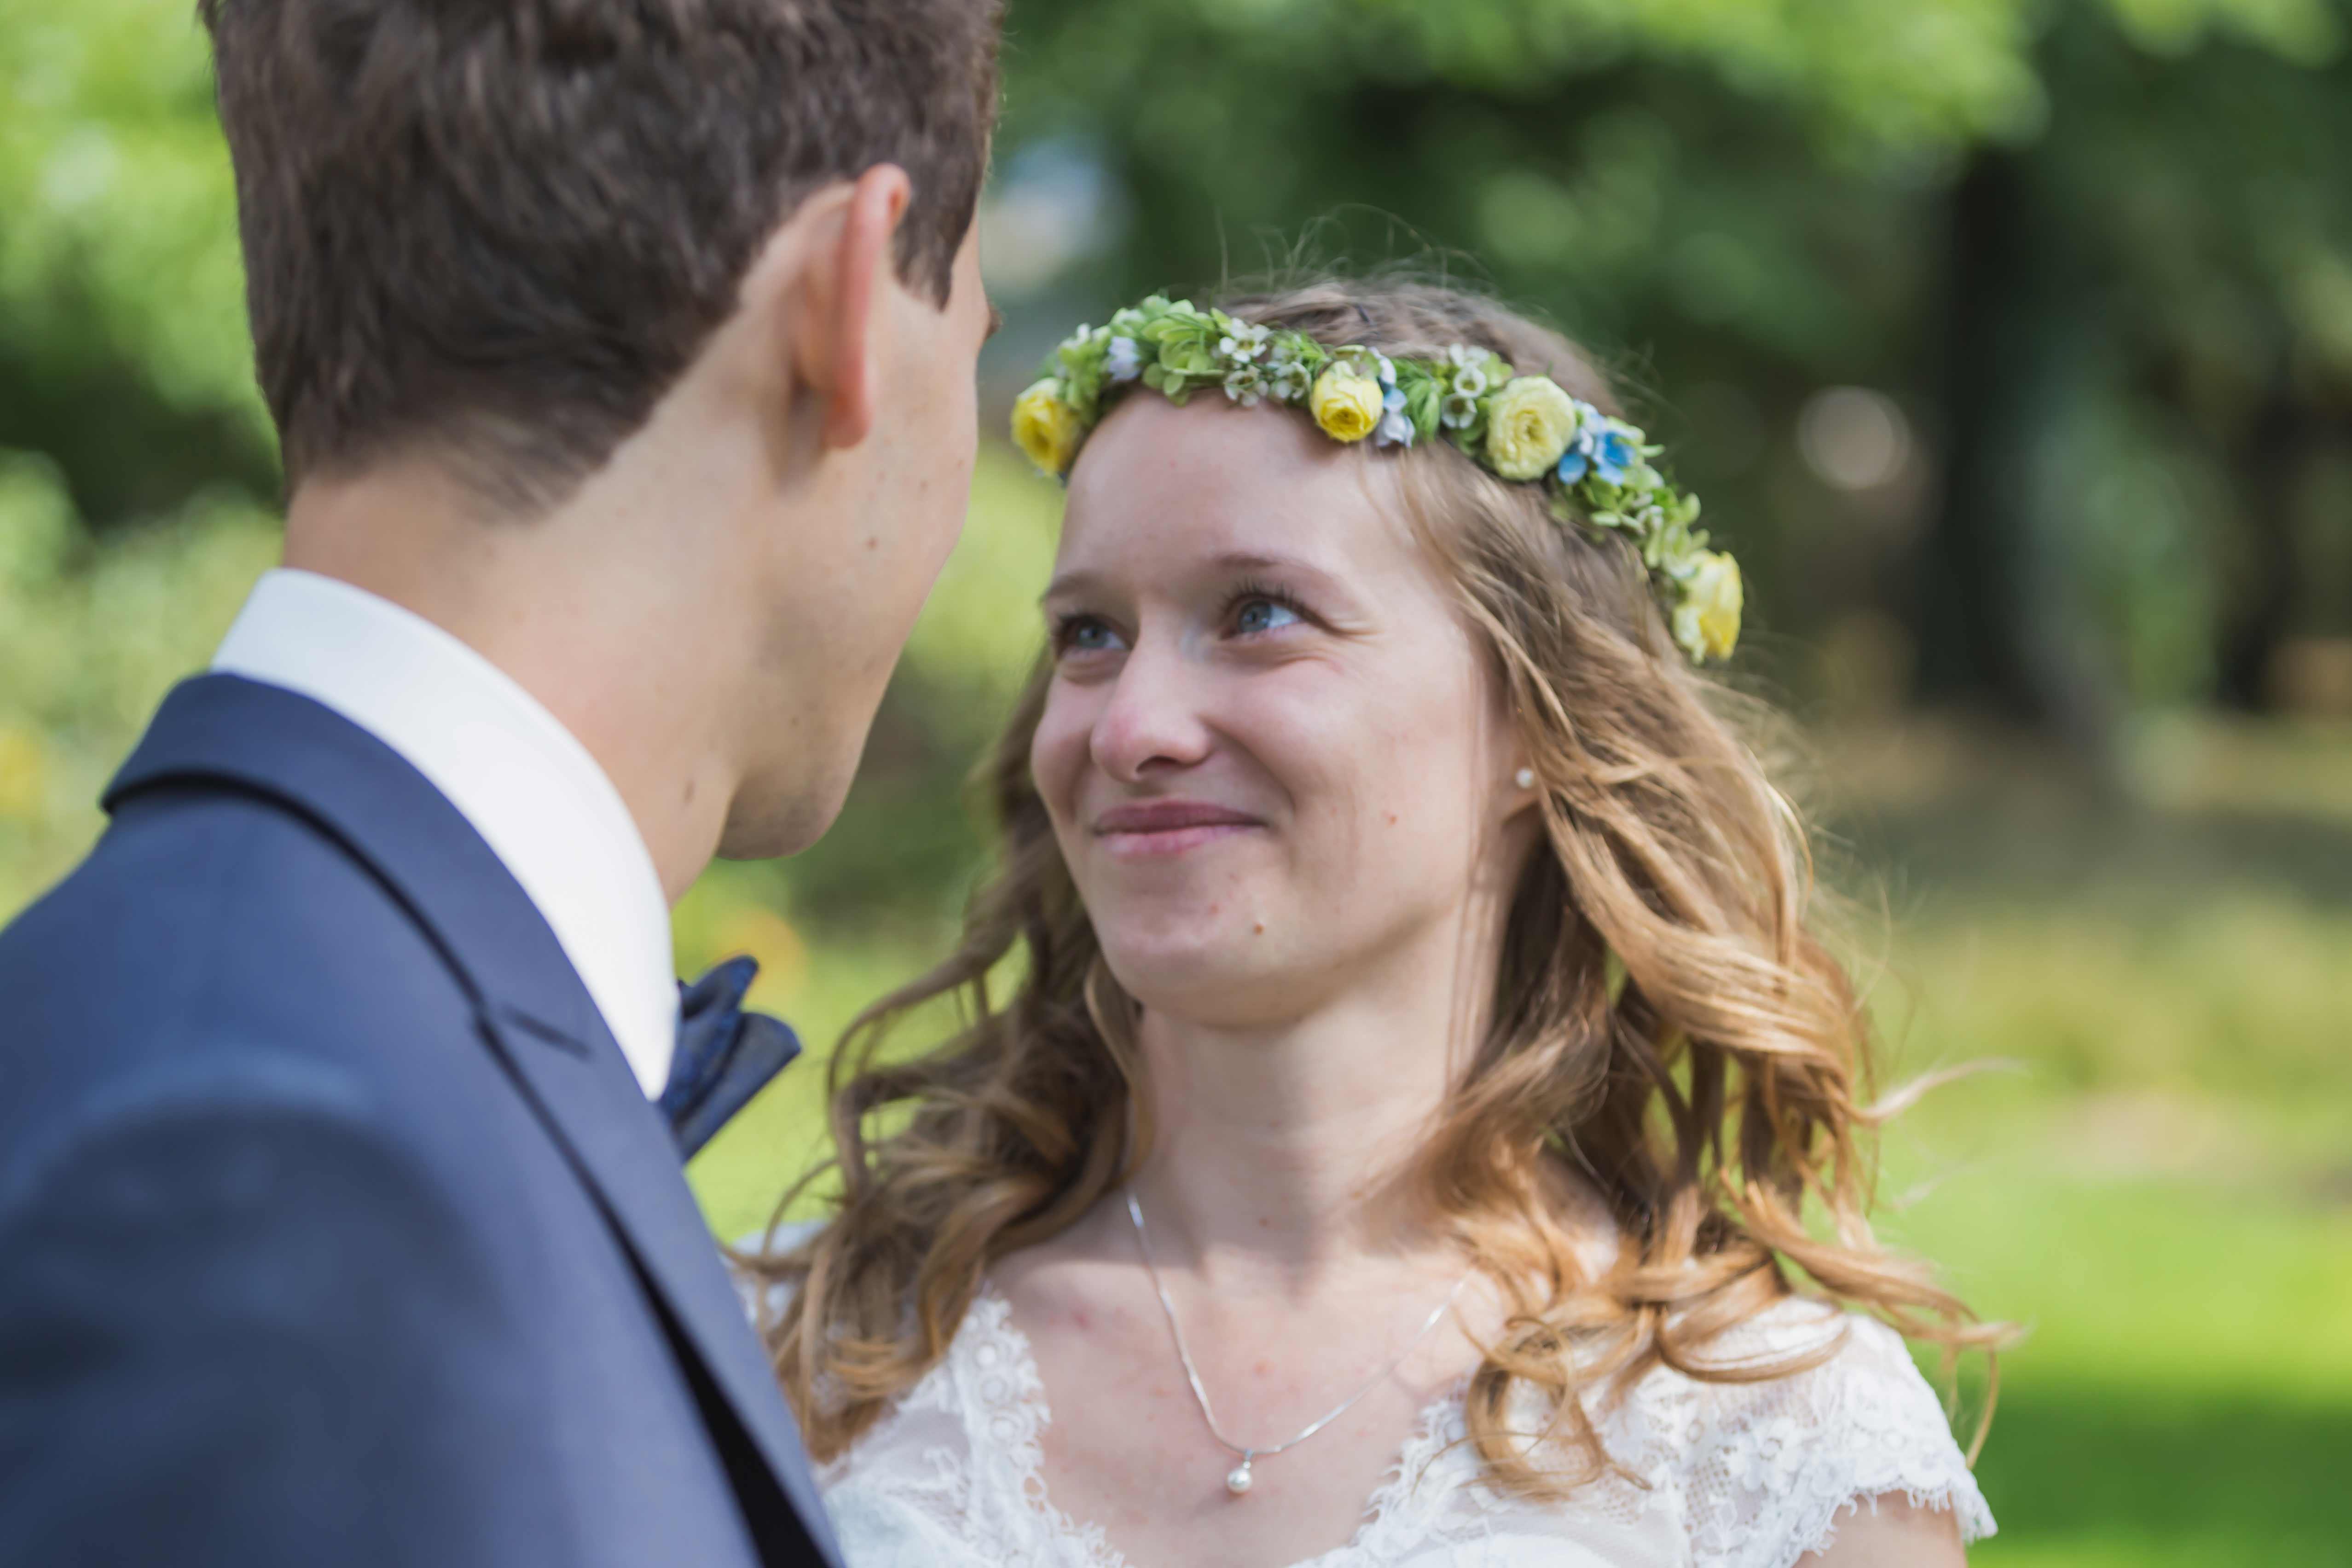 verliebt und glücklich - Brautpaar